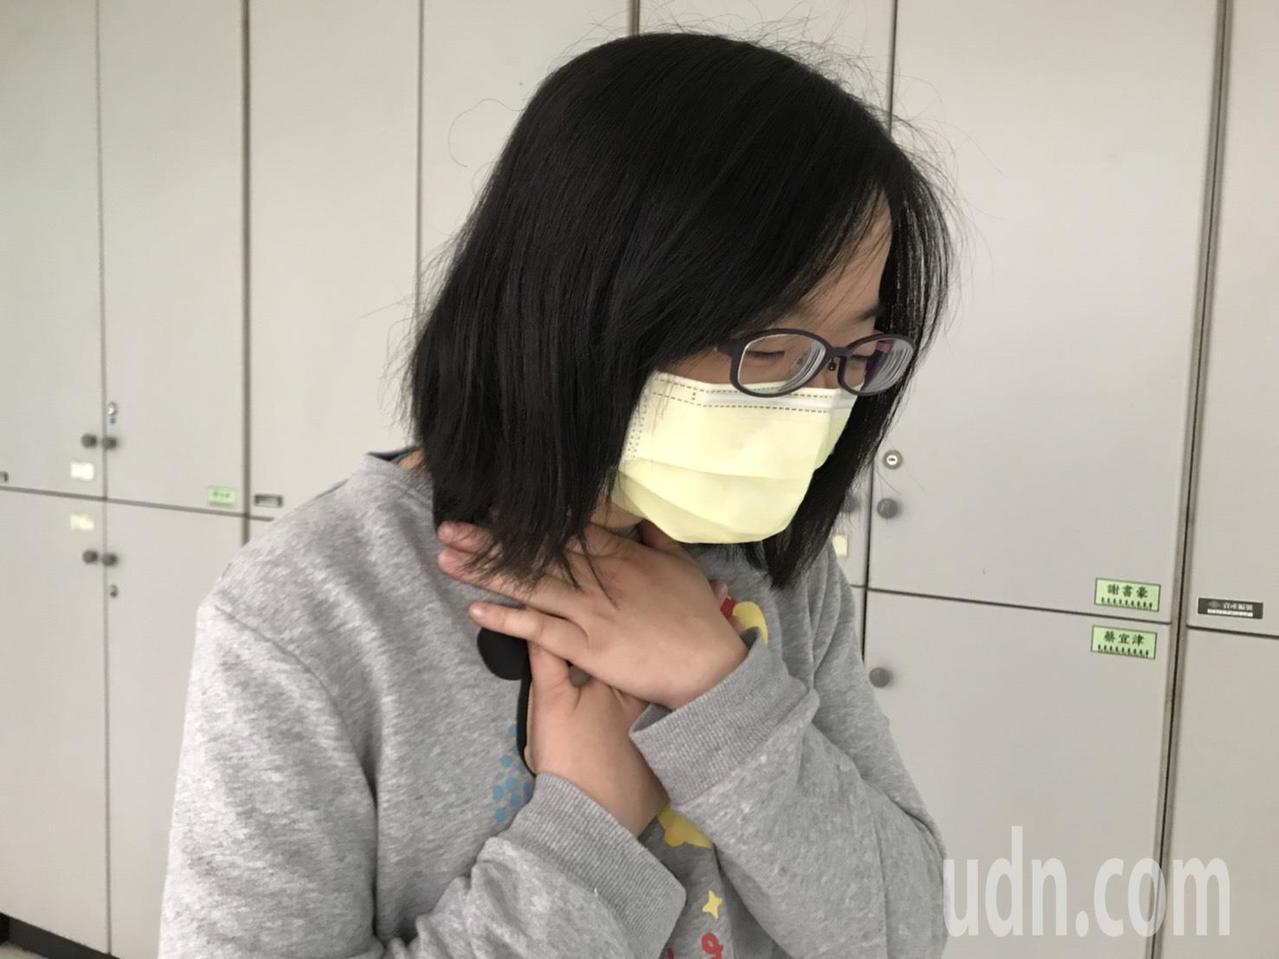 台灣成人氣喘盛行率為11.9%,但國人對成人氣喘認知低,還有患者以為靠運動跟休息...